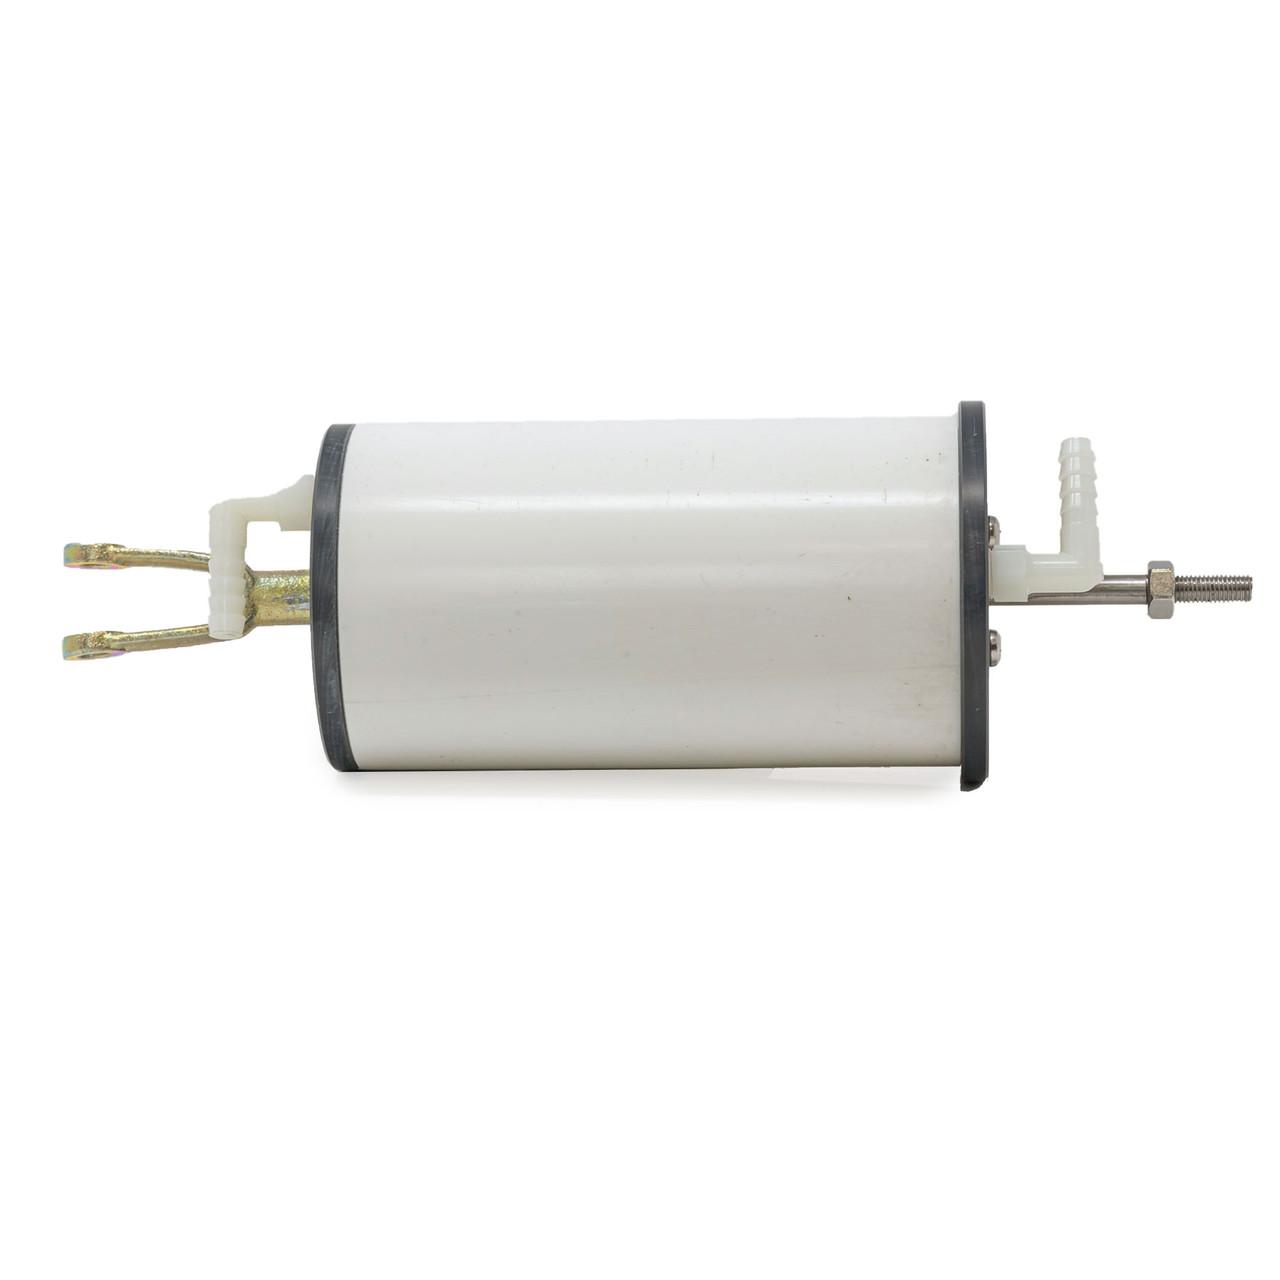 Cylinder for Releaser